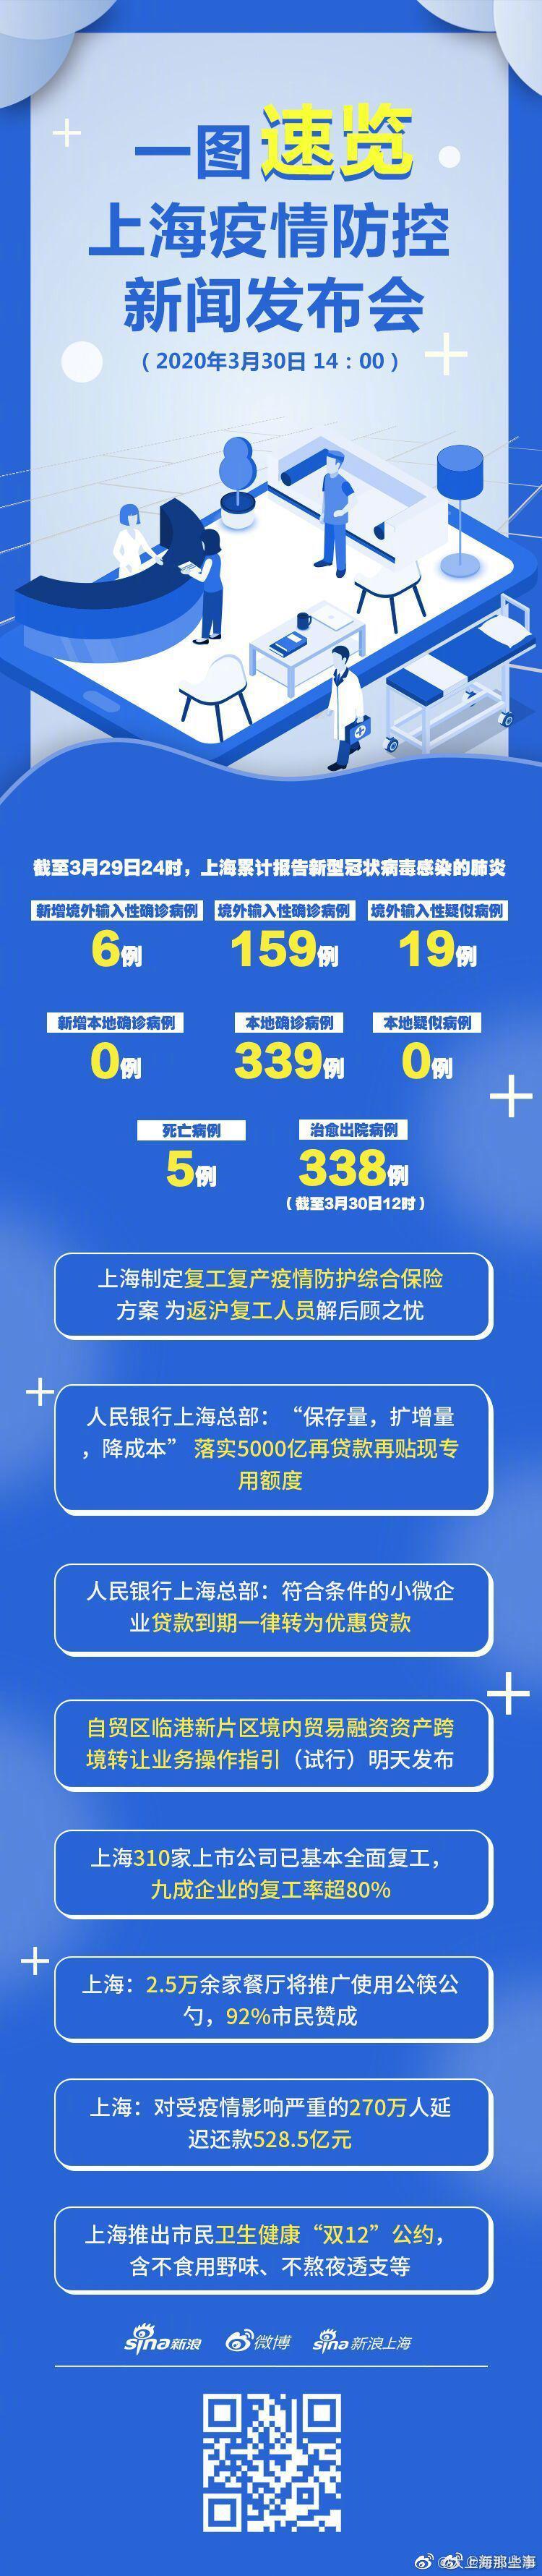 一图速览!上海疫情防控新闻发布会